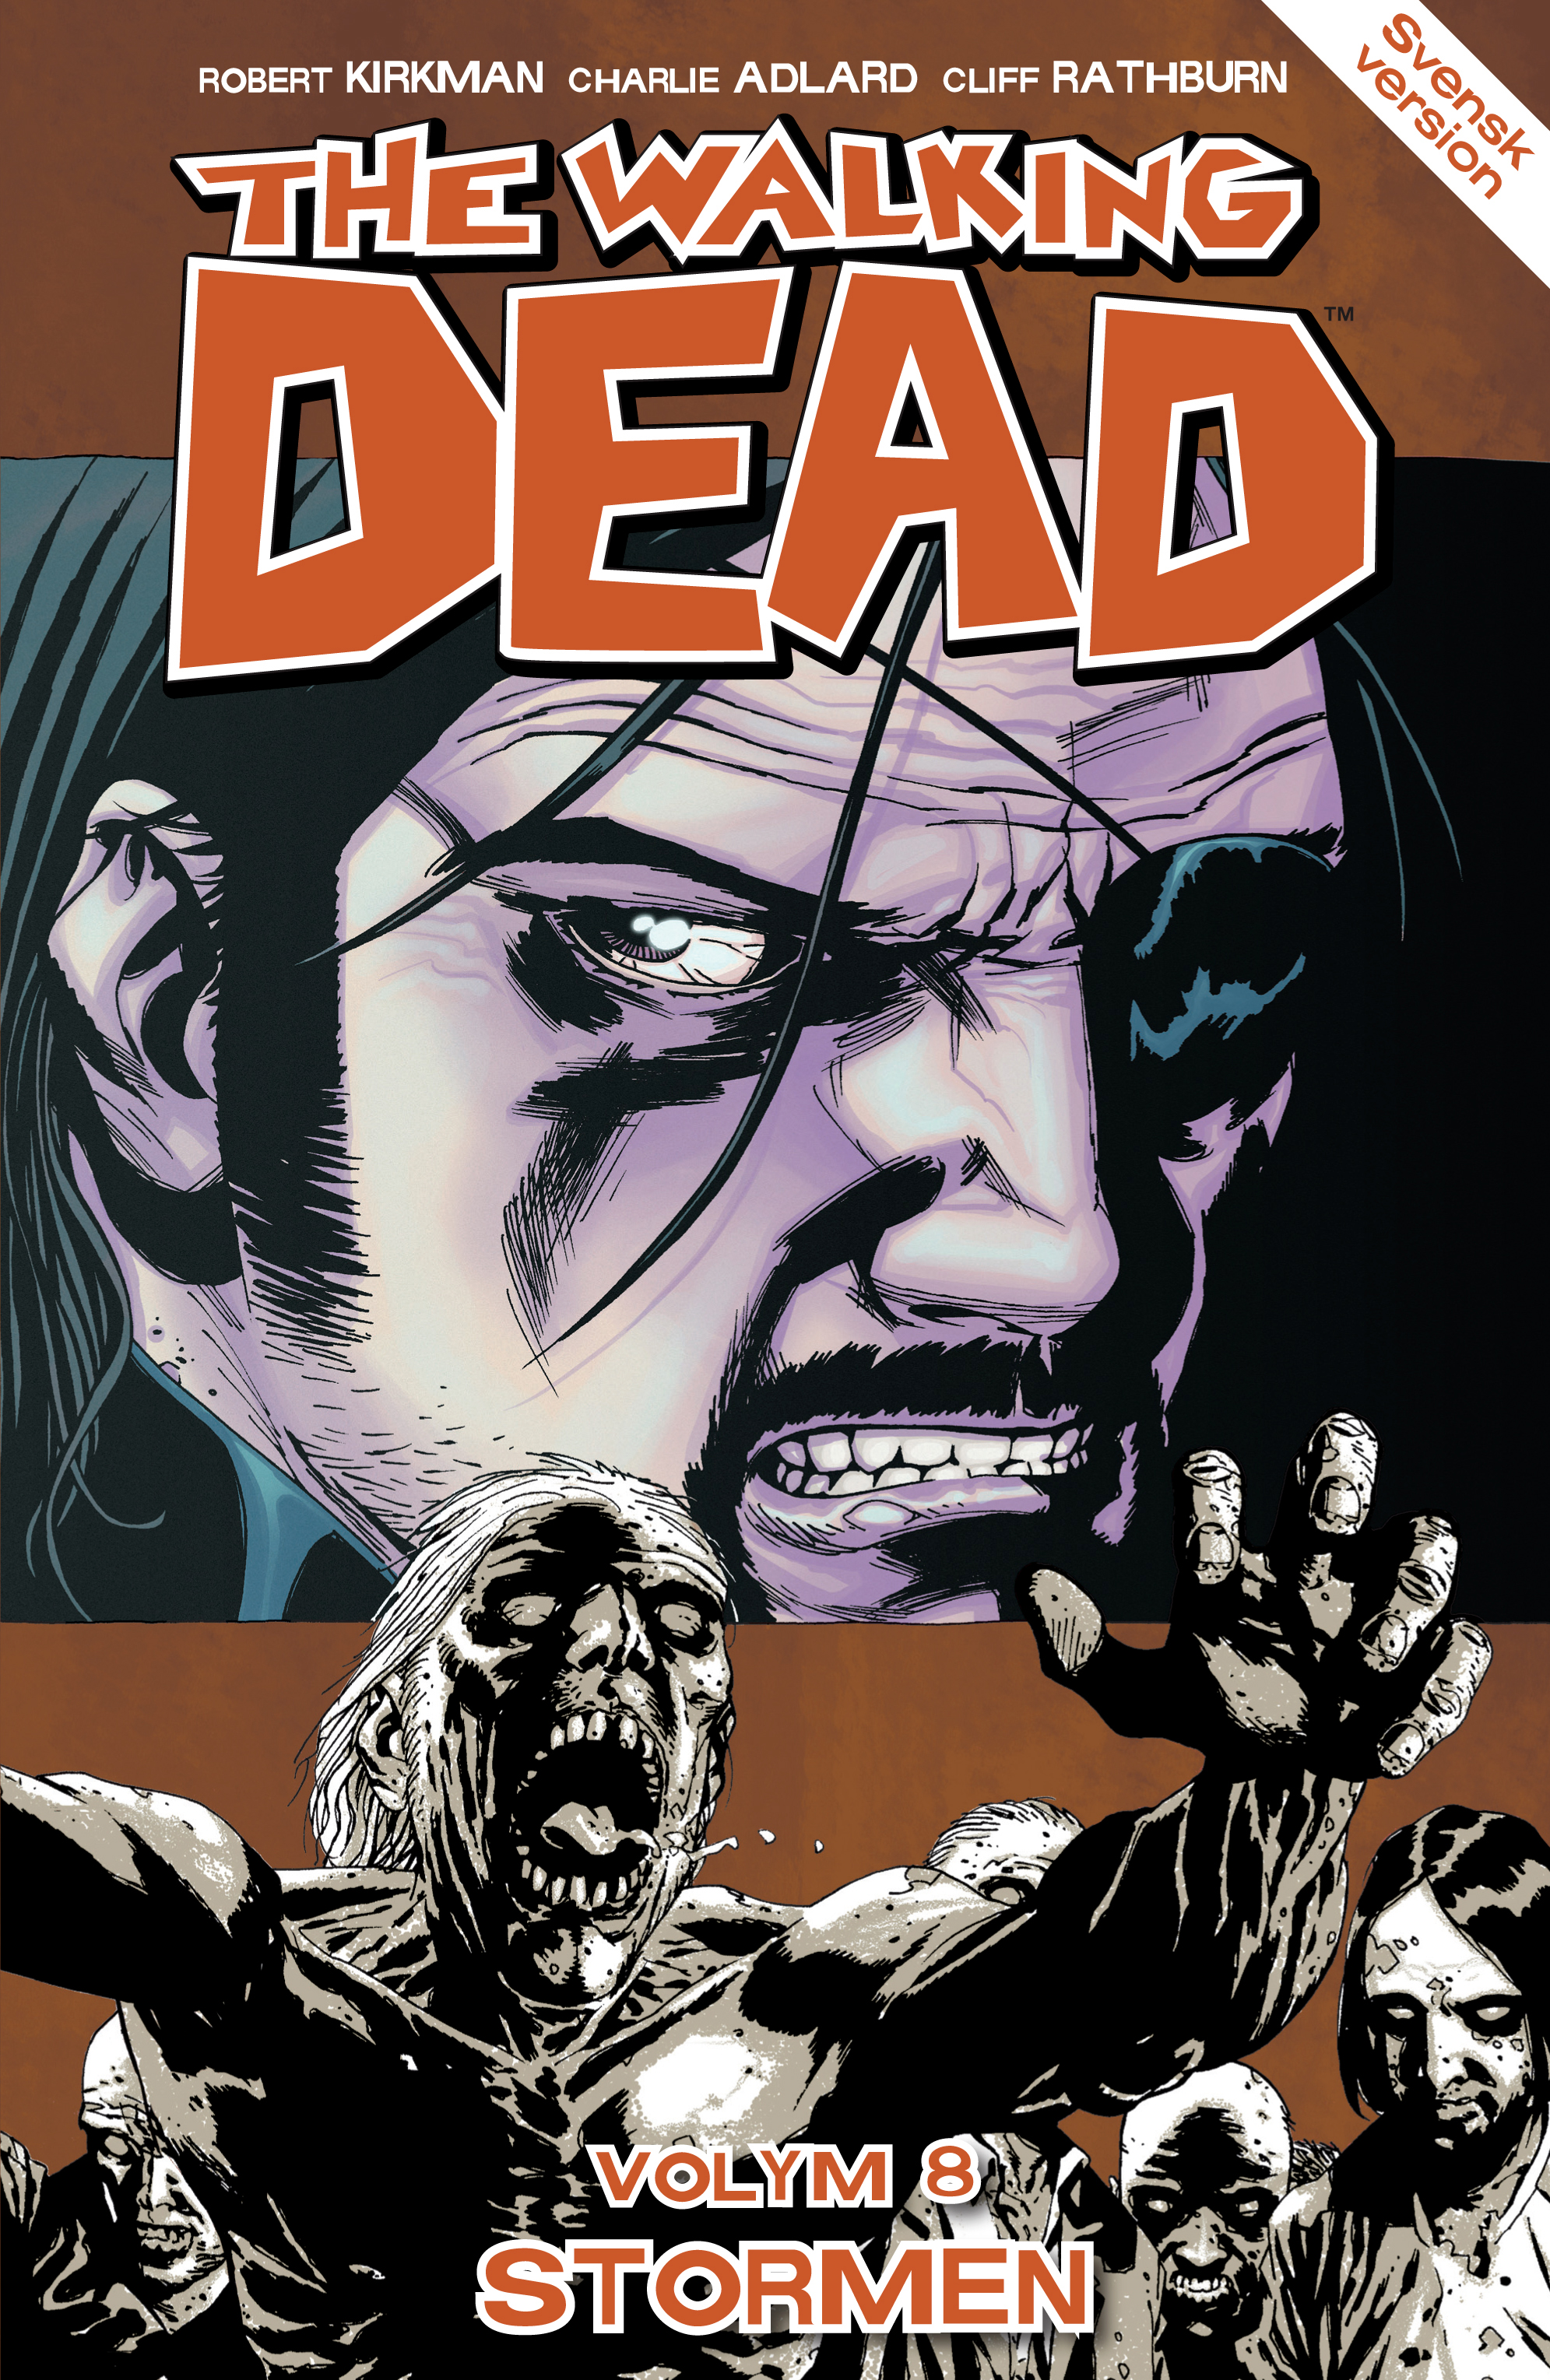 The Walking Dead volym 8. Stormen av Robert Kirkman